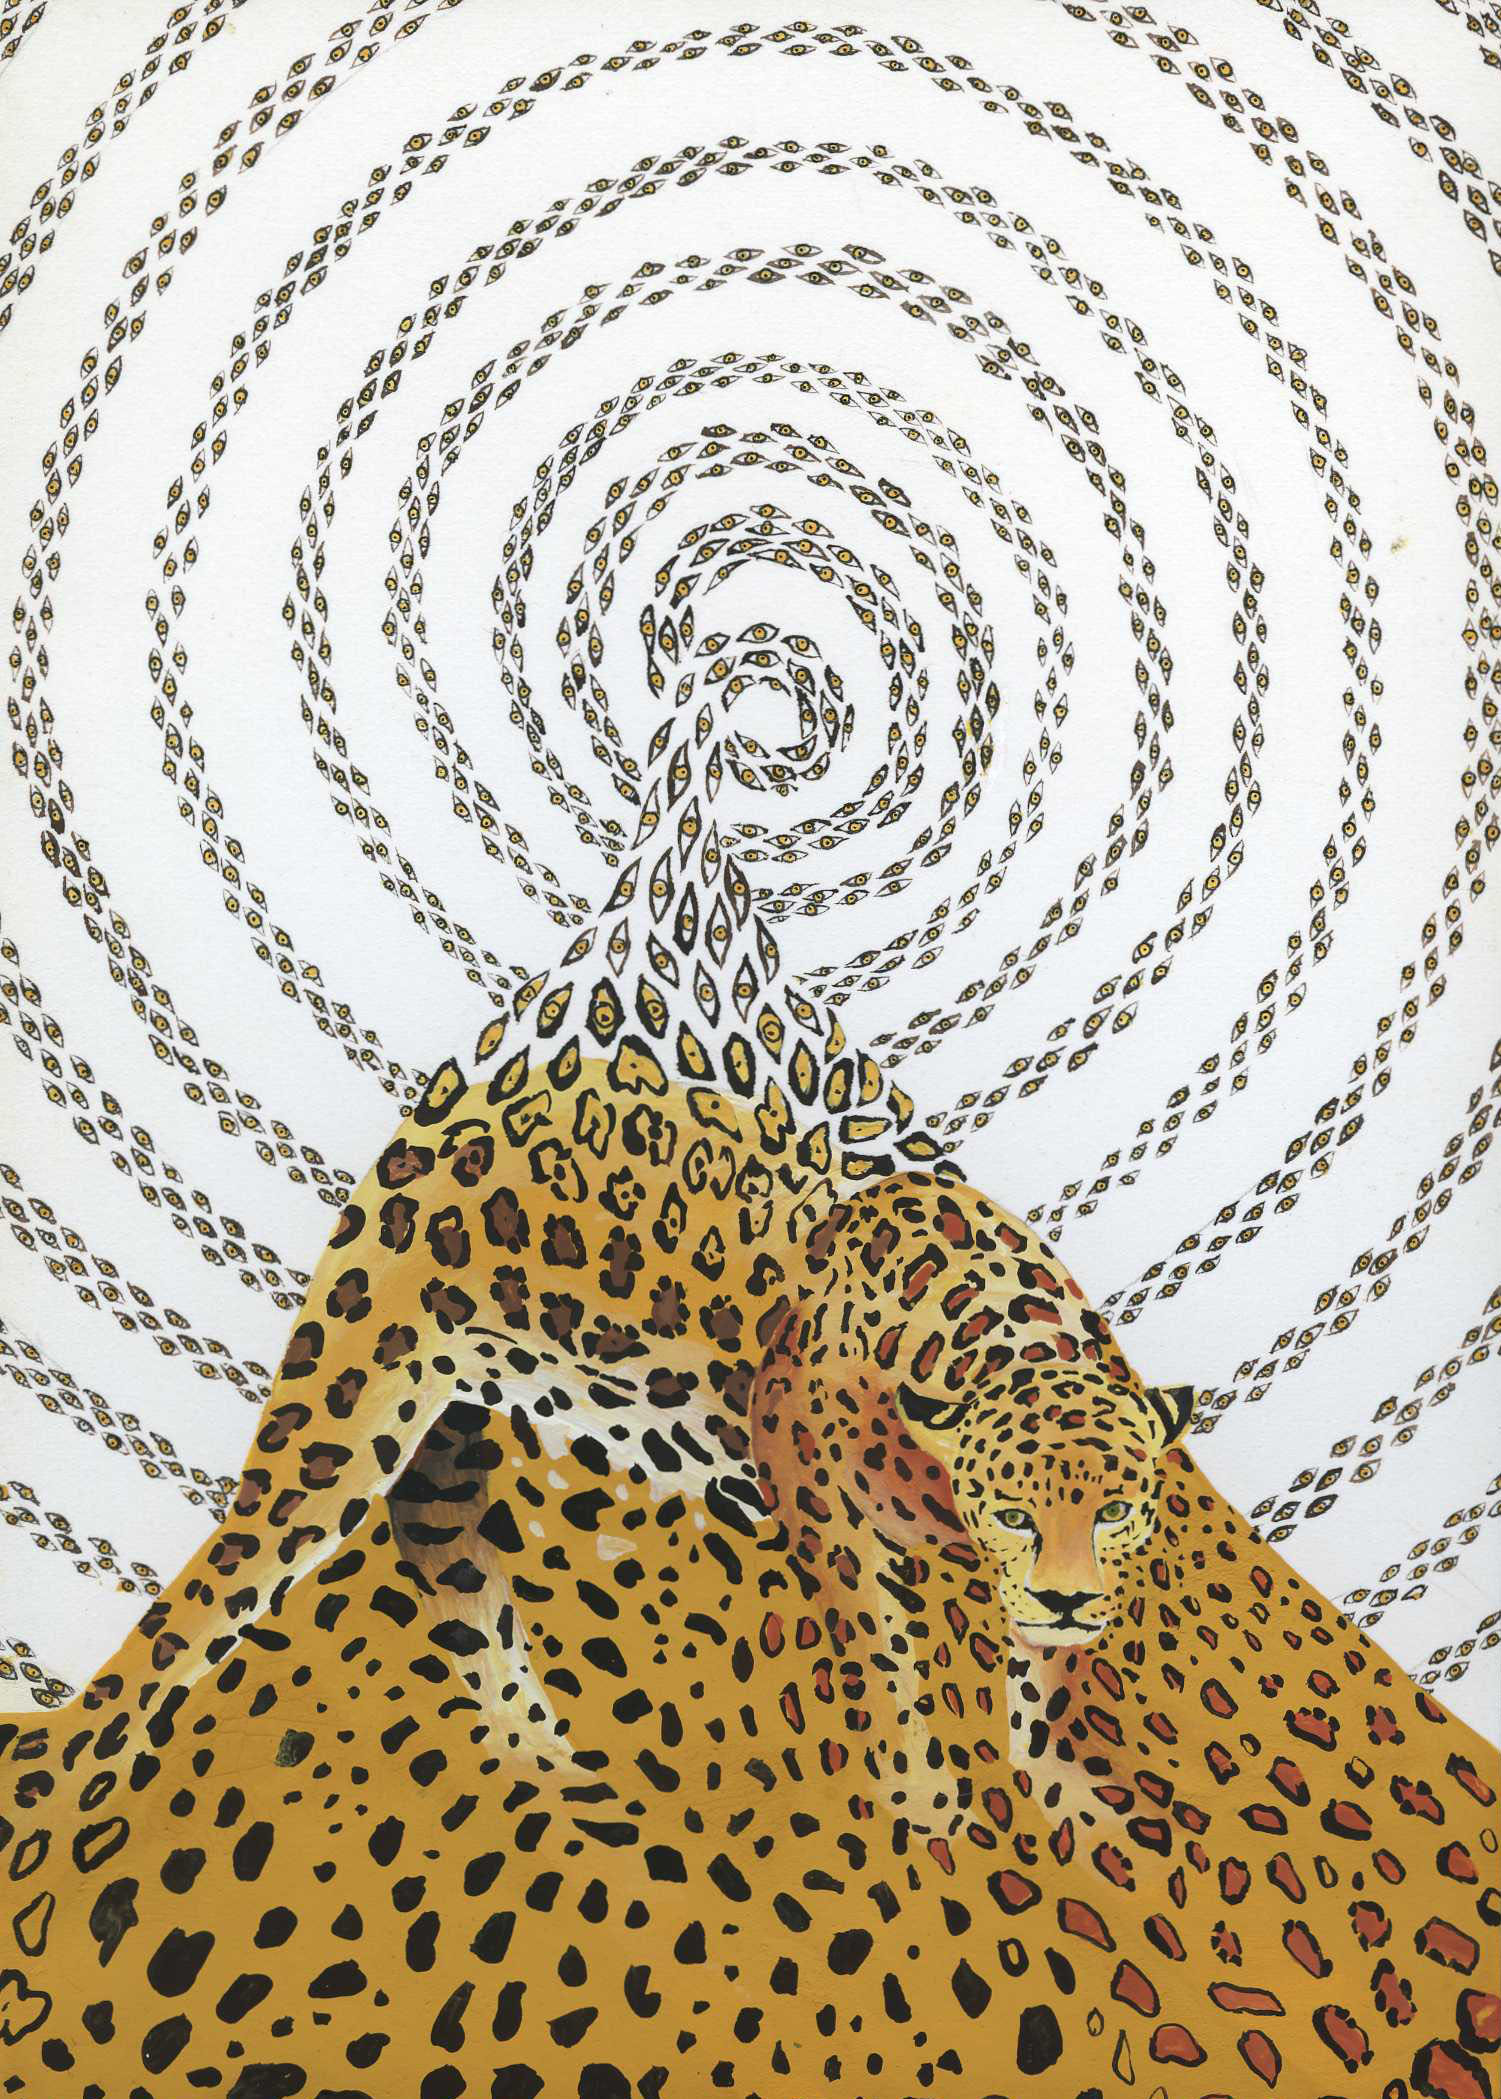 8. Jaguar Dream 2003 .jpg